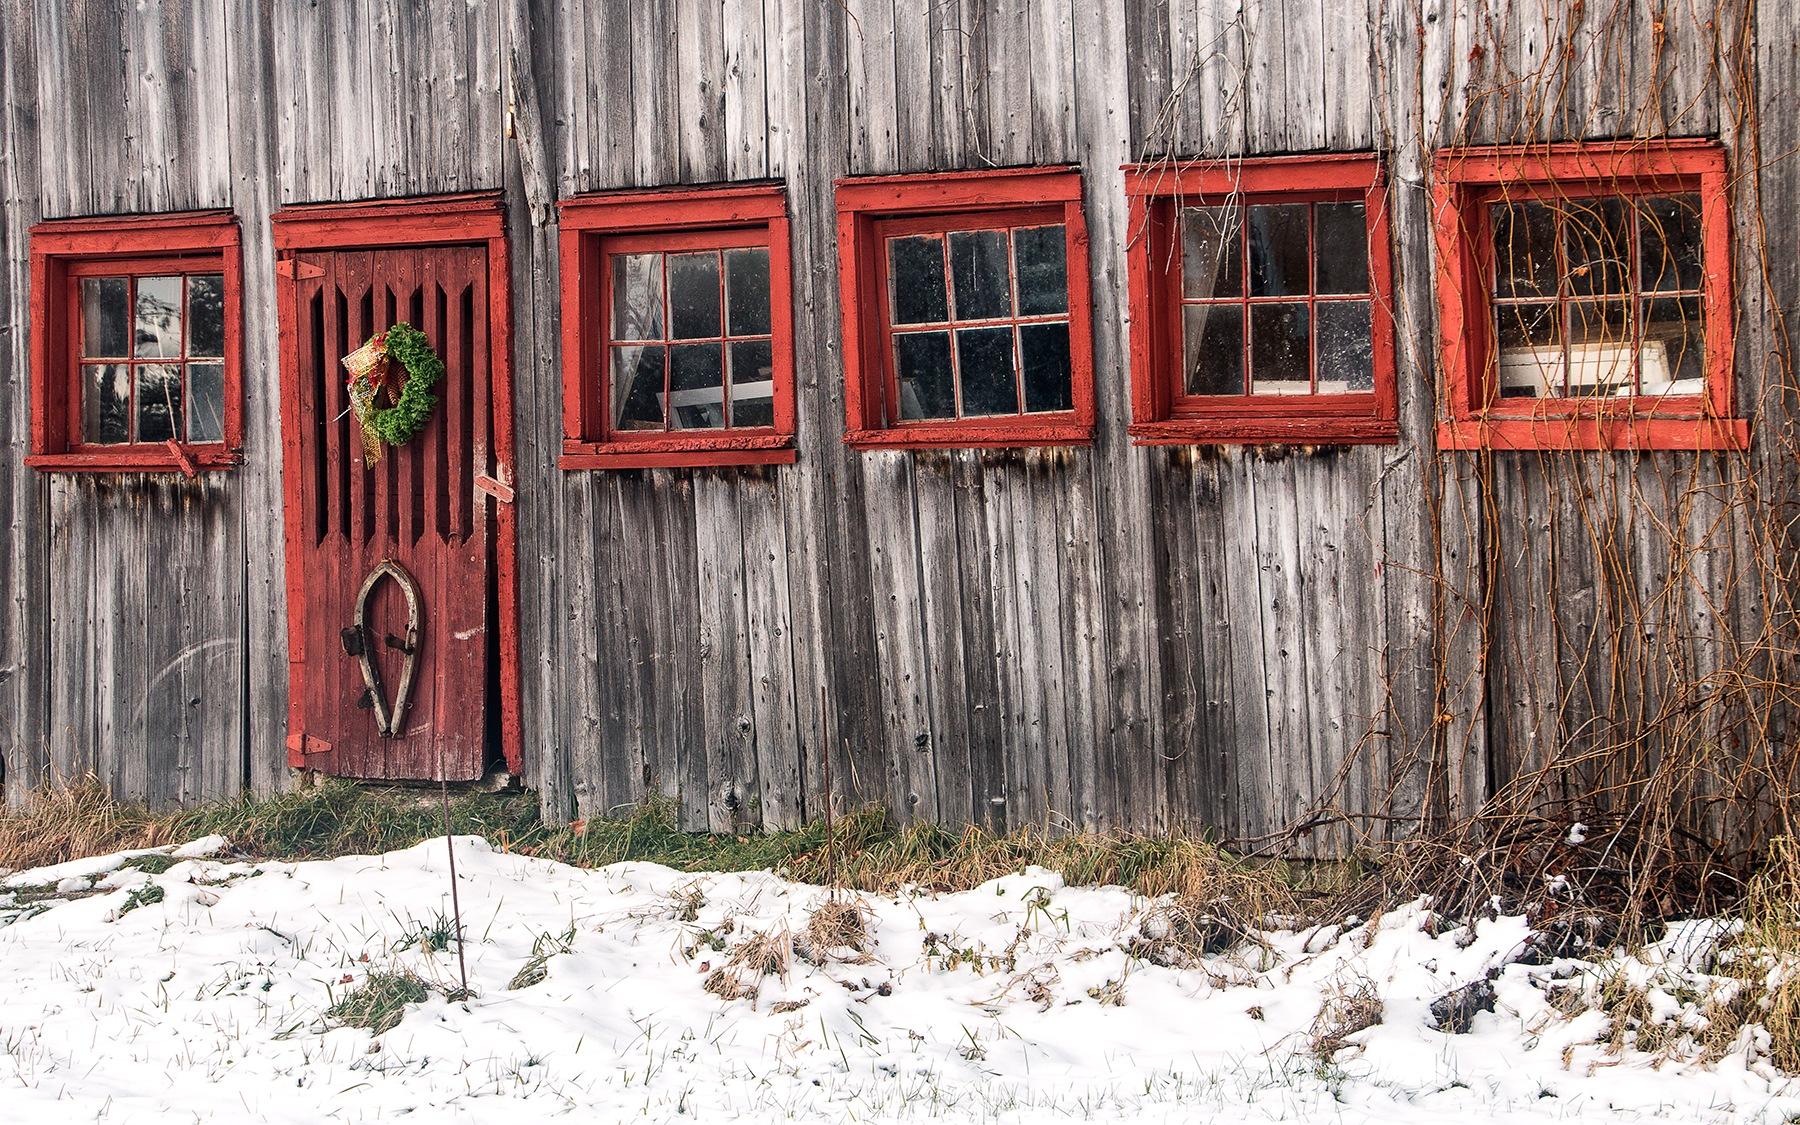 La grange aux droits d'auteur by Guy Ferron